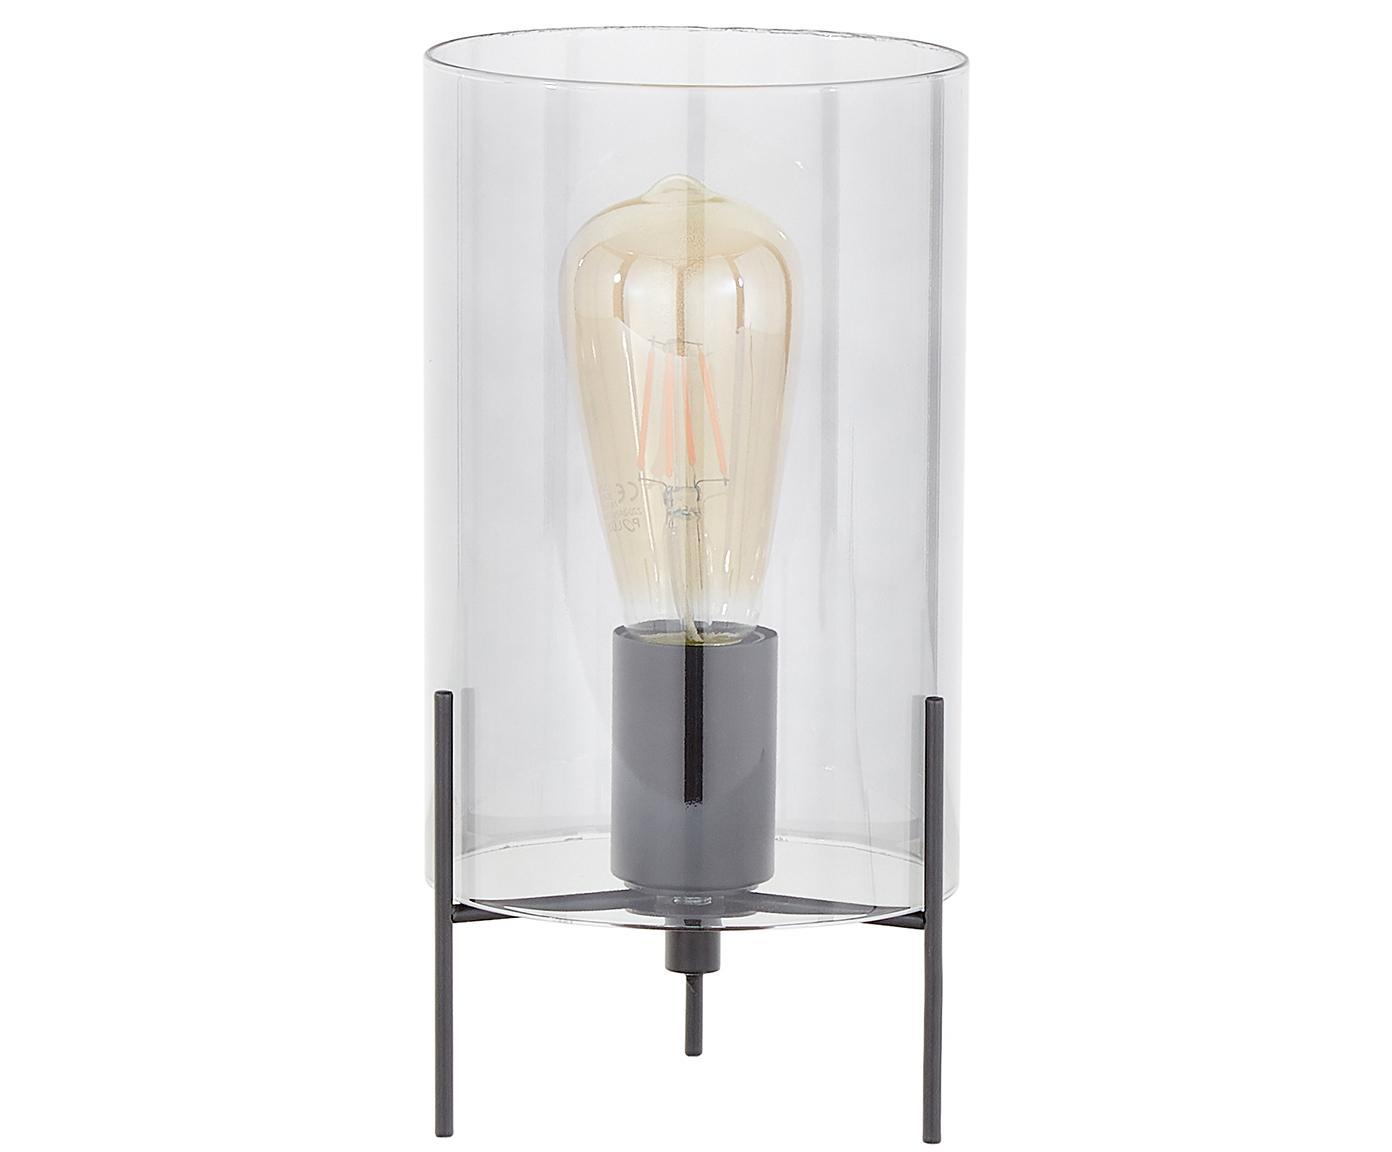 Lampada da tavolo Laurel, Base della lampada: metallo verniciato a polv, Paralume: vetro, Paralume: grigio trasparente Base della lampada: nero opaco Cavo: trasparente, Ø 14 x Alt. 28 cm